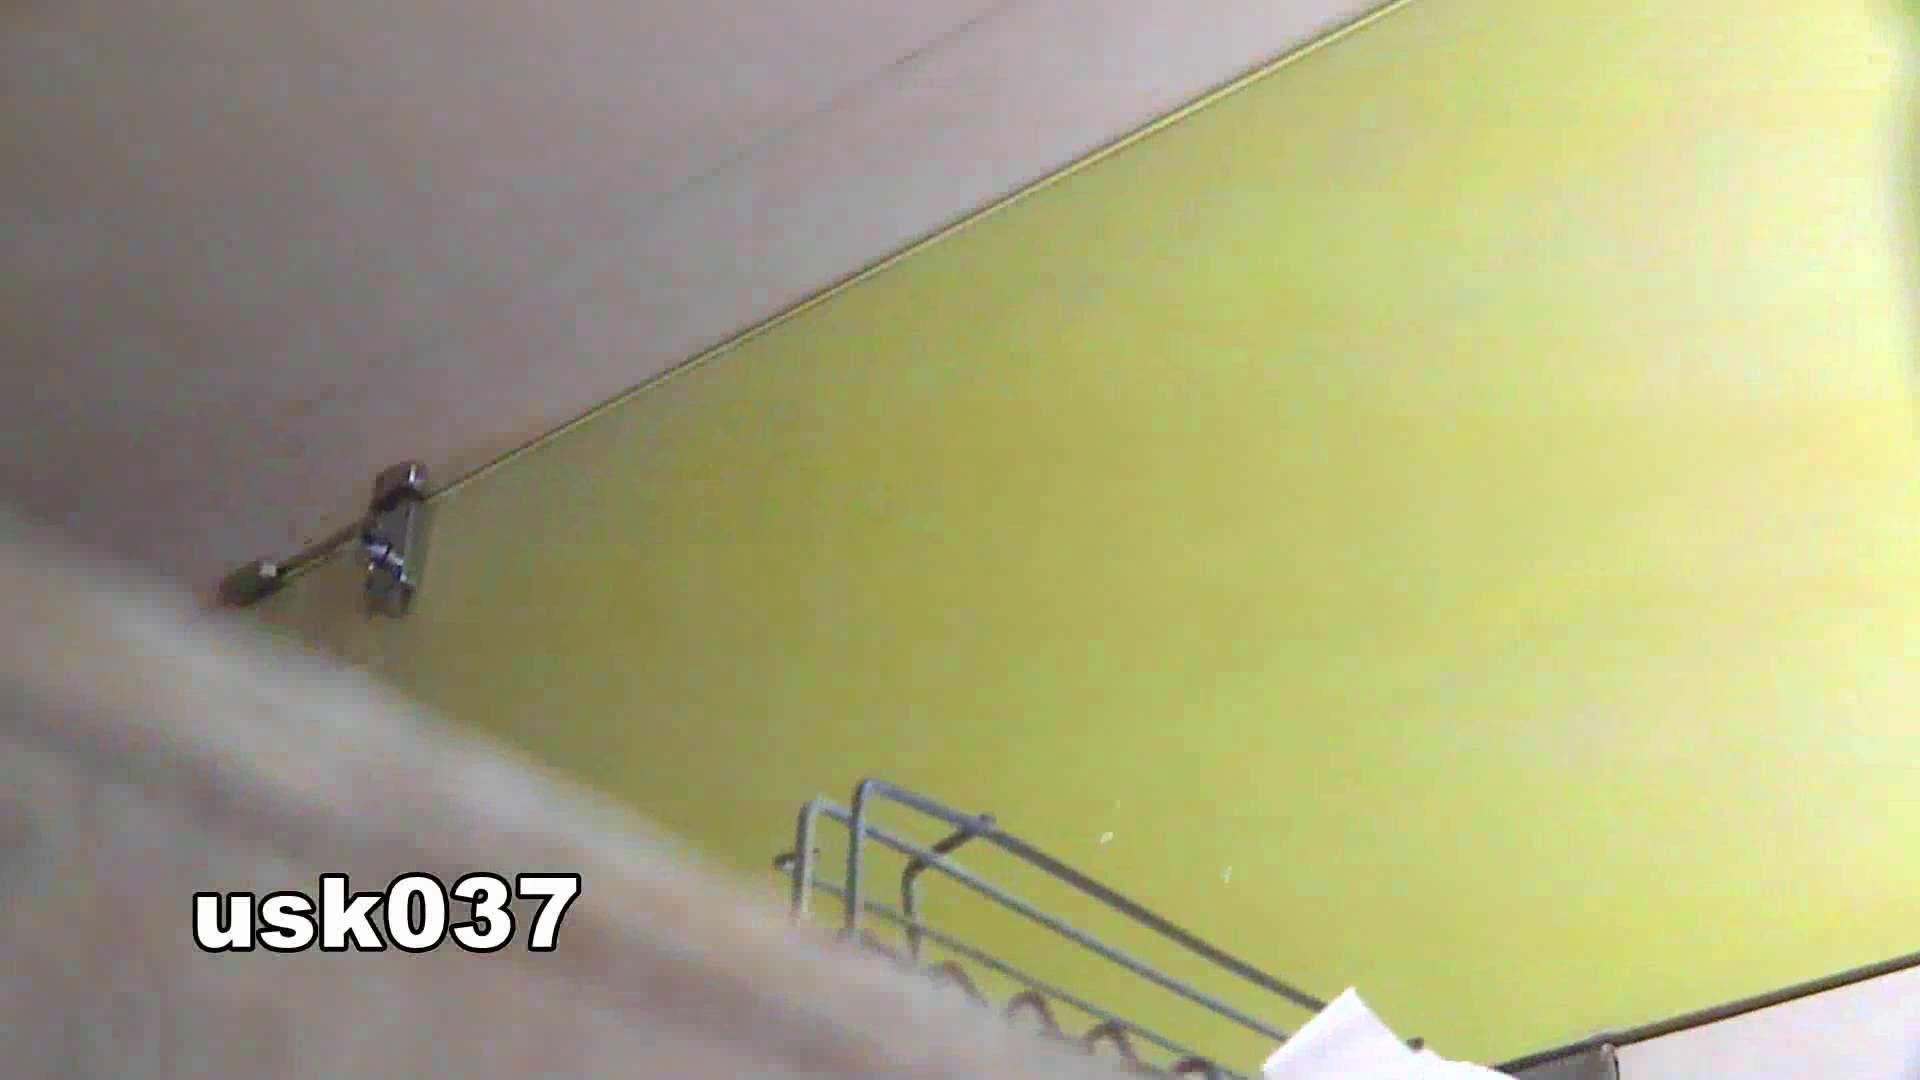 【美しき個室な世界】 vol.037 ひねり出す様子(フトイです) 洗面所  73PIX 30